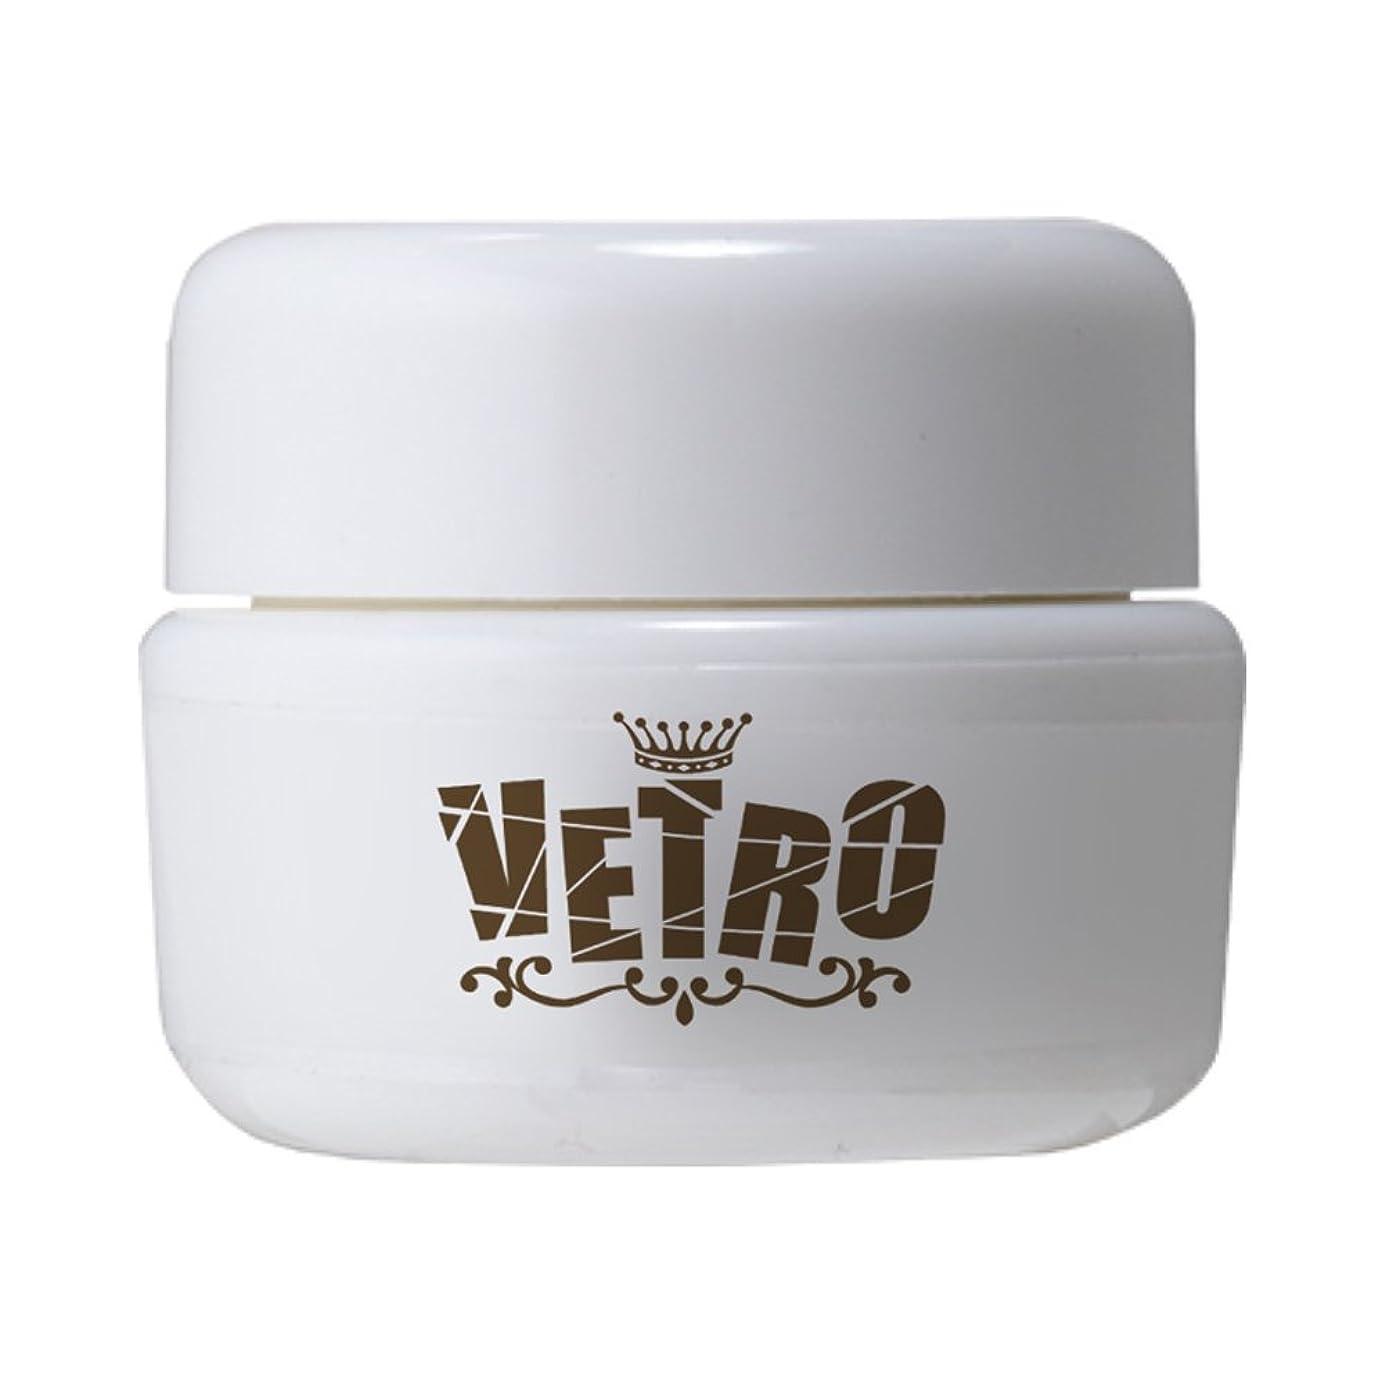 スケッチ気をつけて後VETRO No.19 カラージェル マット VL034 キャメローングリーン 4ml